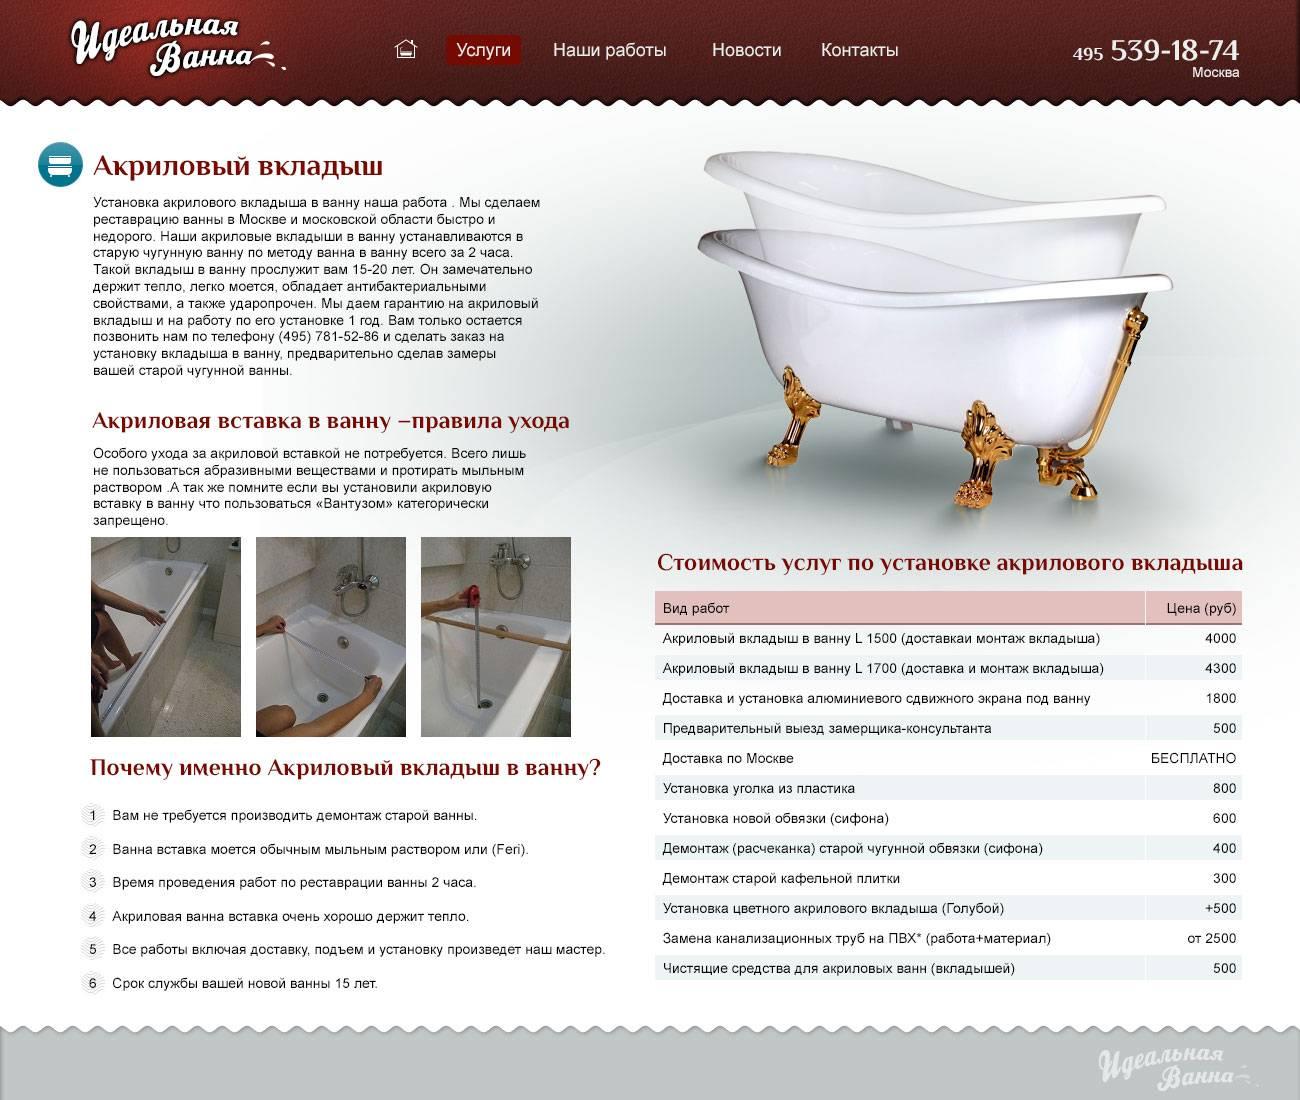 Как выбрать хорошую акриловую ванну: лучшие рекомендации